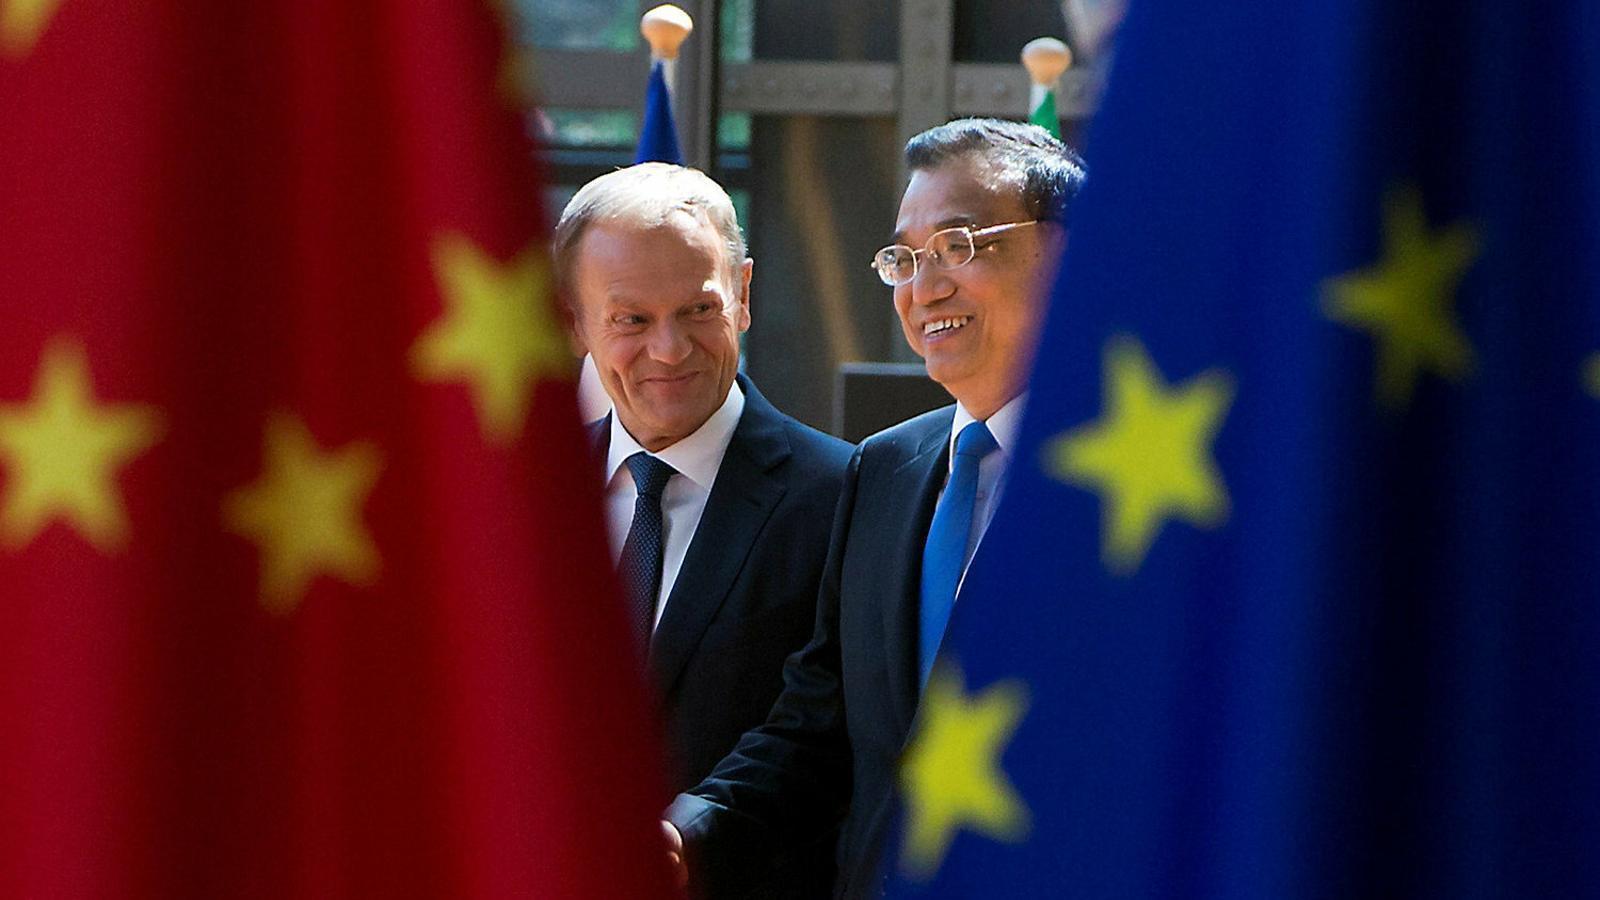 La UE i la Xina afronten amb dificultats el repte d'entendre's